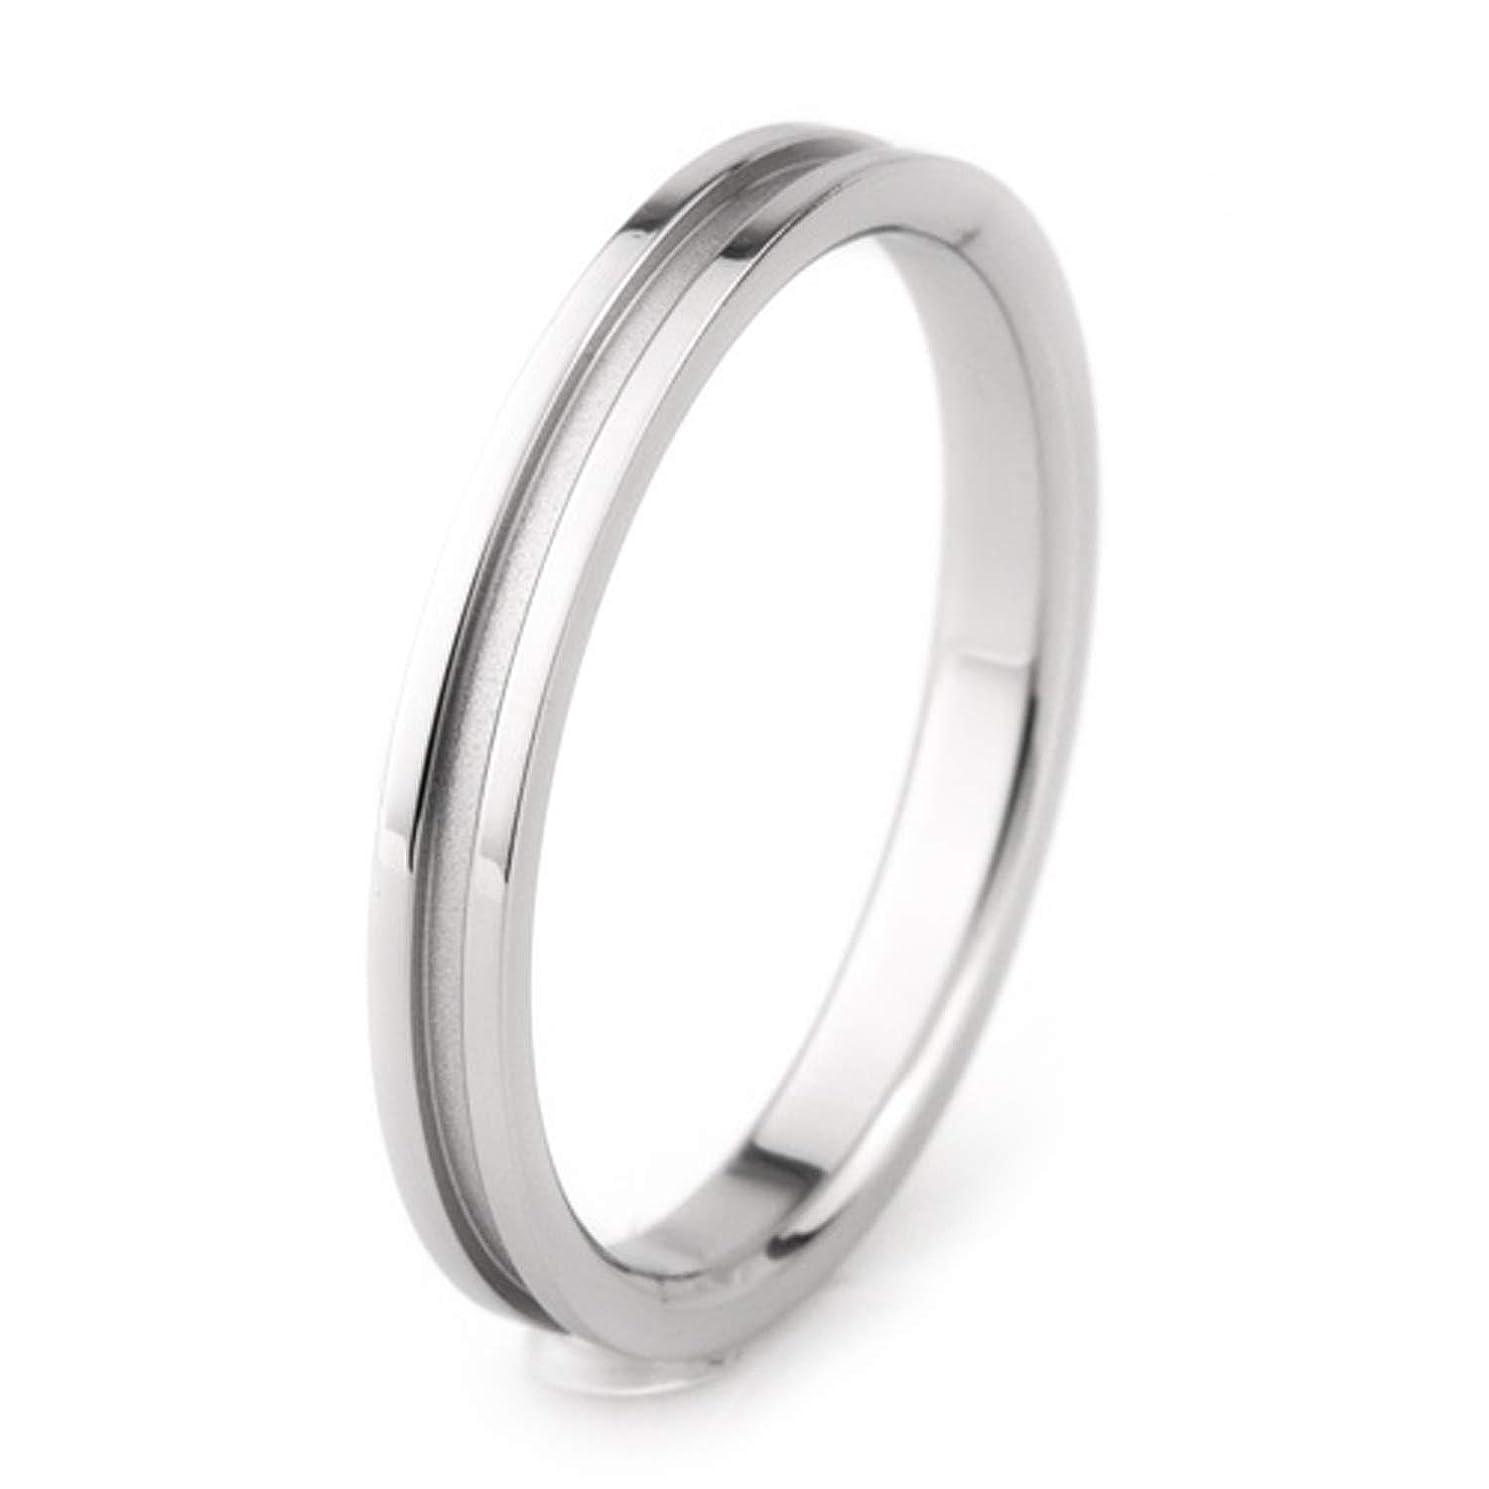 現実的力学複製するe-宝石屋 チタン プラチナイオンプレーティング(金属アレルギー防止)加工 結婚指輪 リング (8)